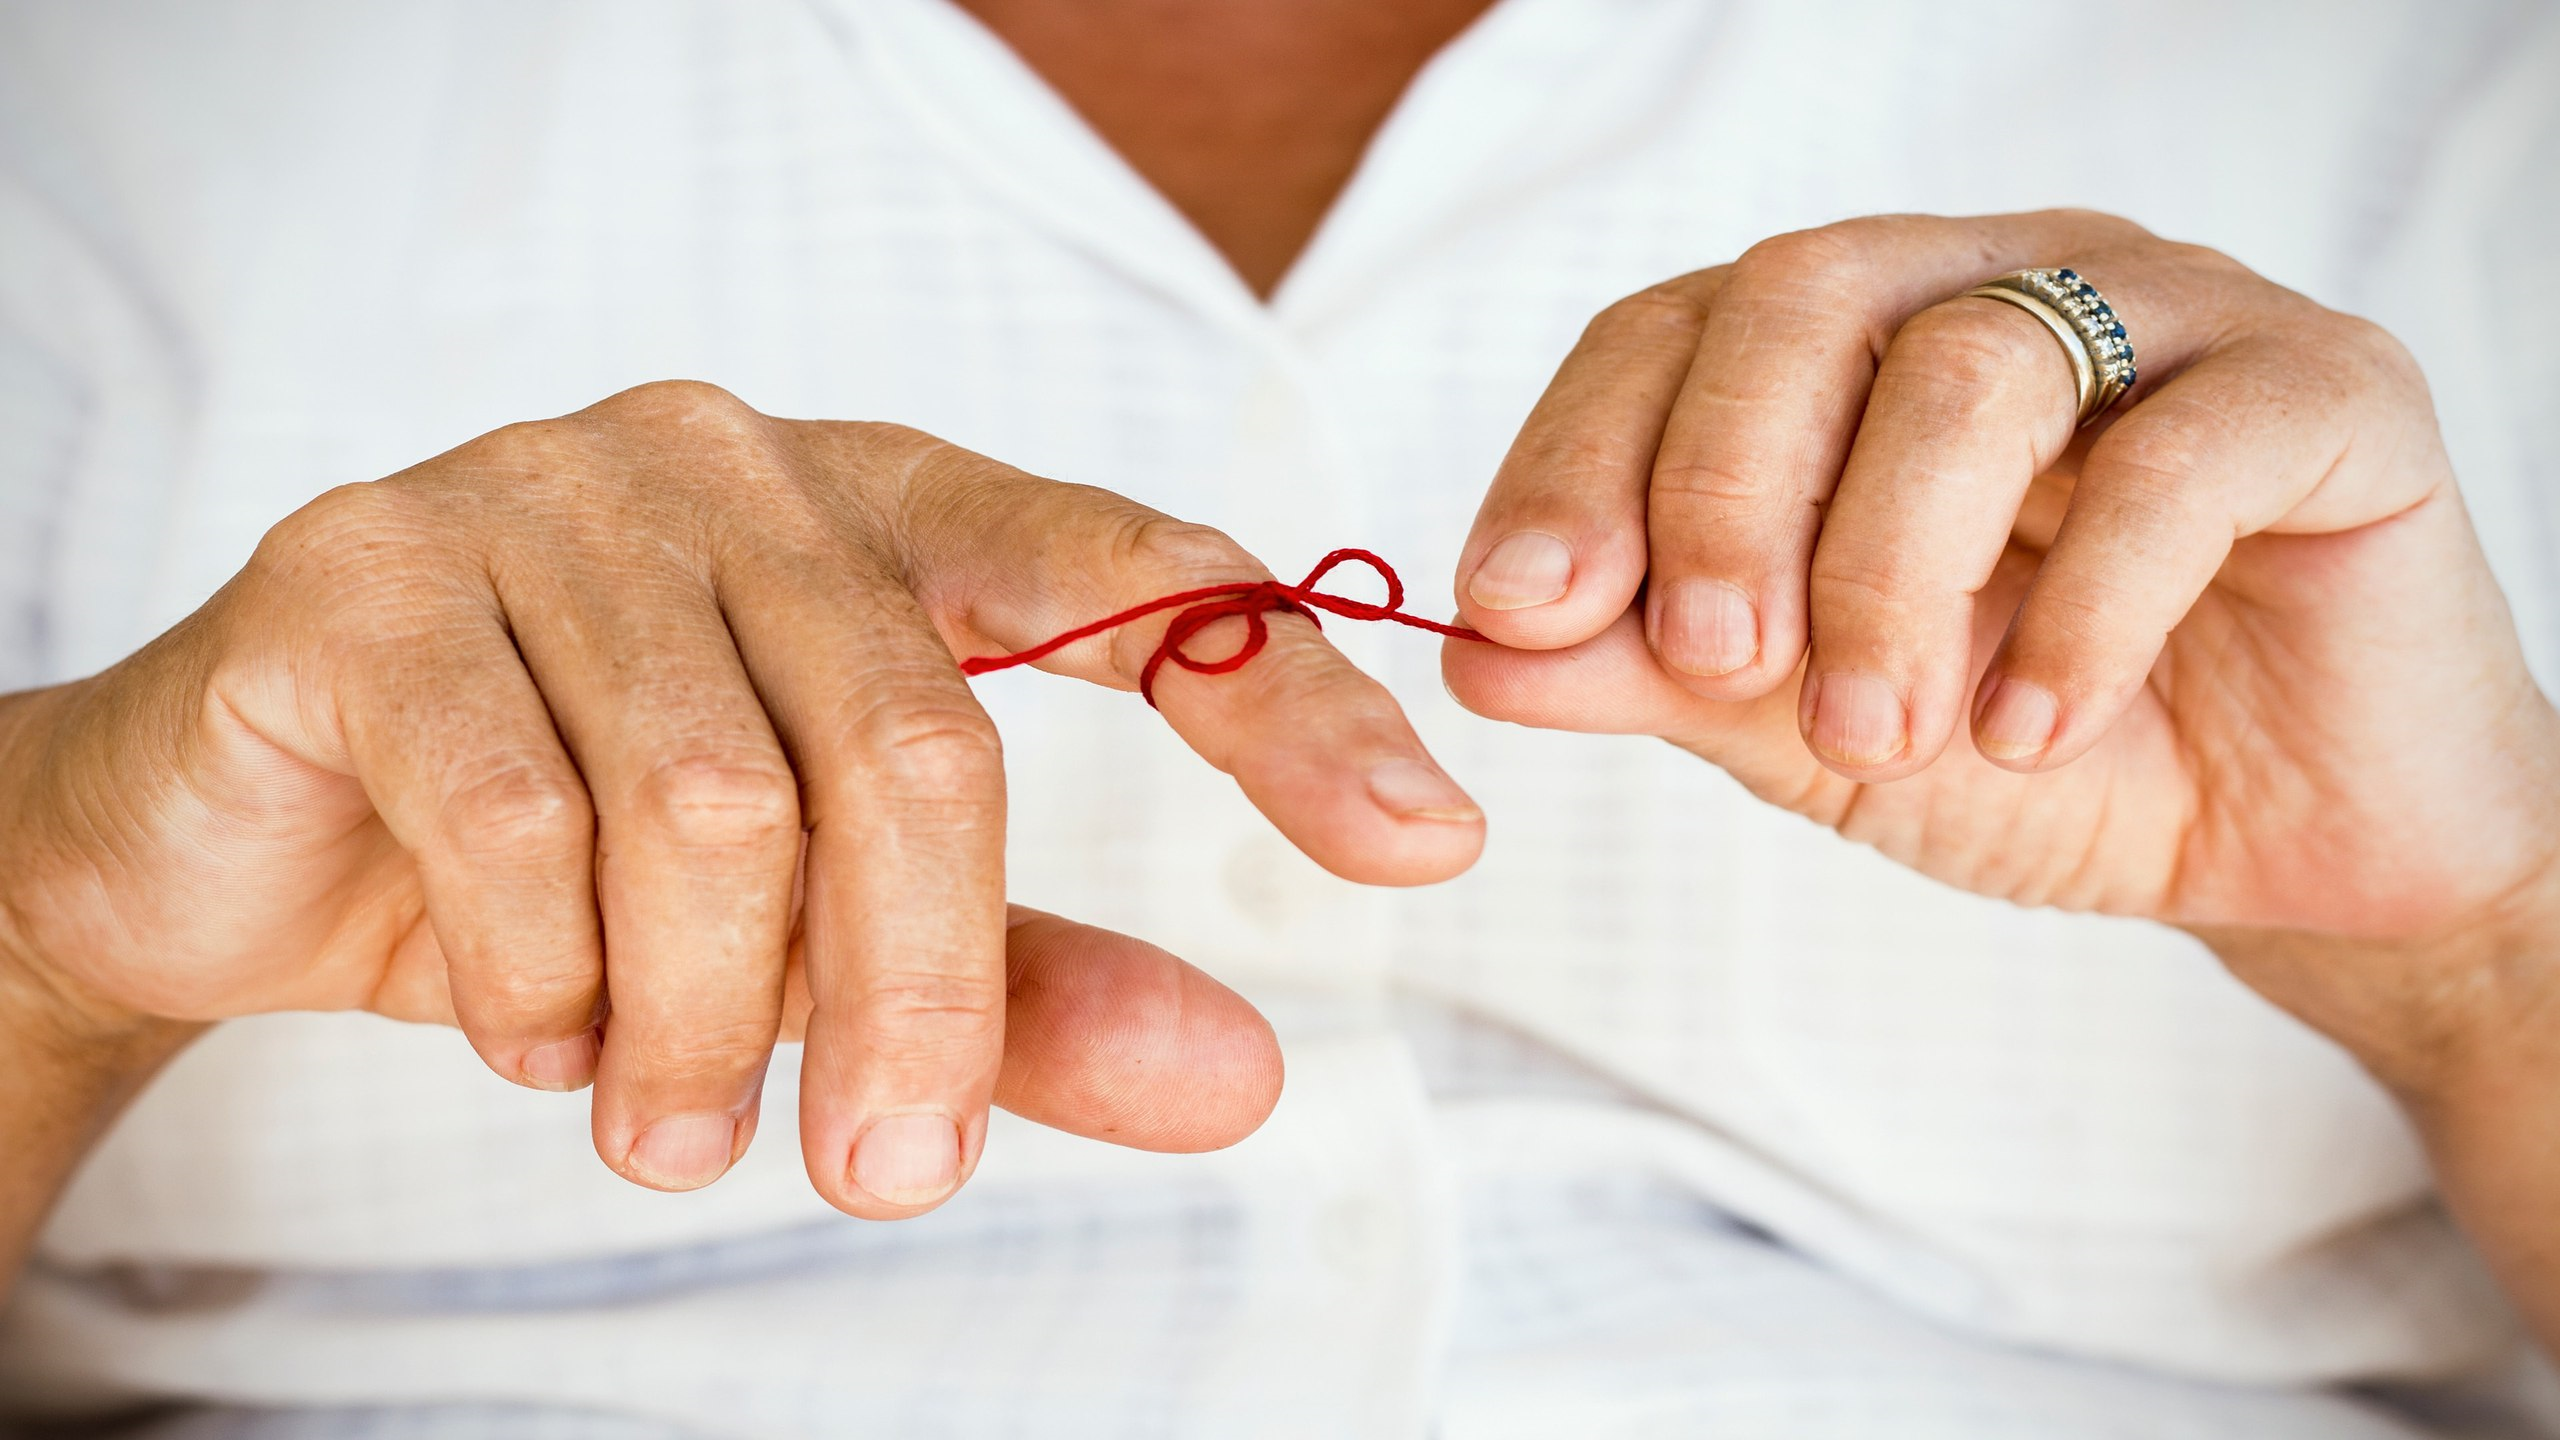 در حقیقت مصرف خربزه تلخ به شکل های مختلف می تواند به کاهش سطح قند خون در افراد منجر شود: